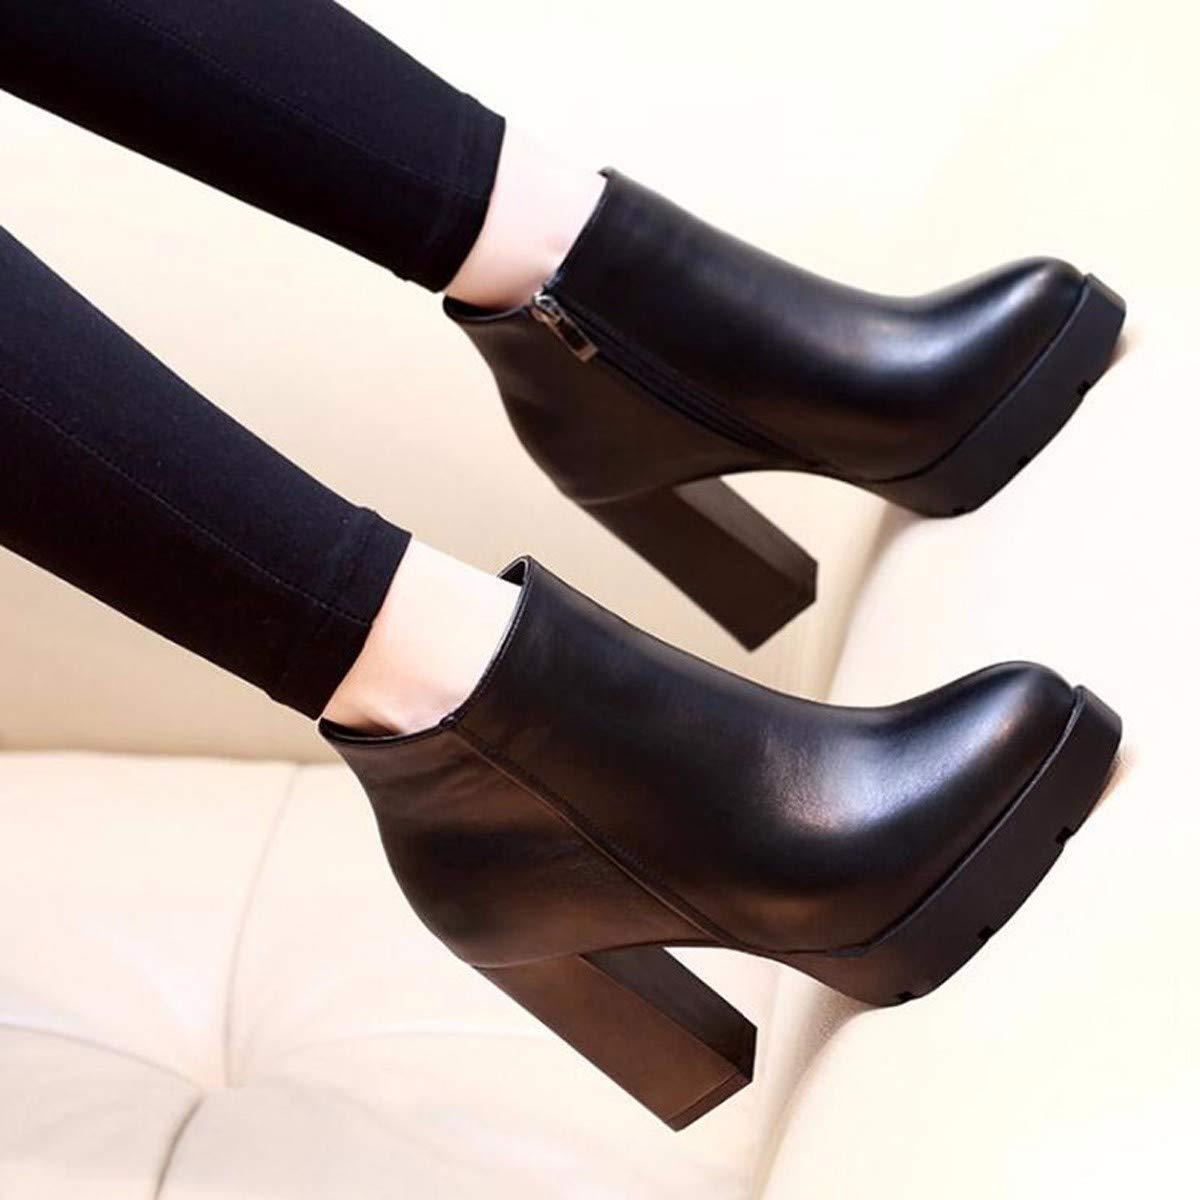 HBDLH Damenschuhe Martin Stiefel Meine Damen Damen Damen High Heels Kurze Stiefel Mit Stiefeln Damen - Stiefel und Stiefeletten Damen - Schuhe 9Cm 3a66df